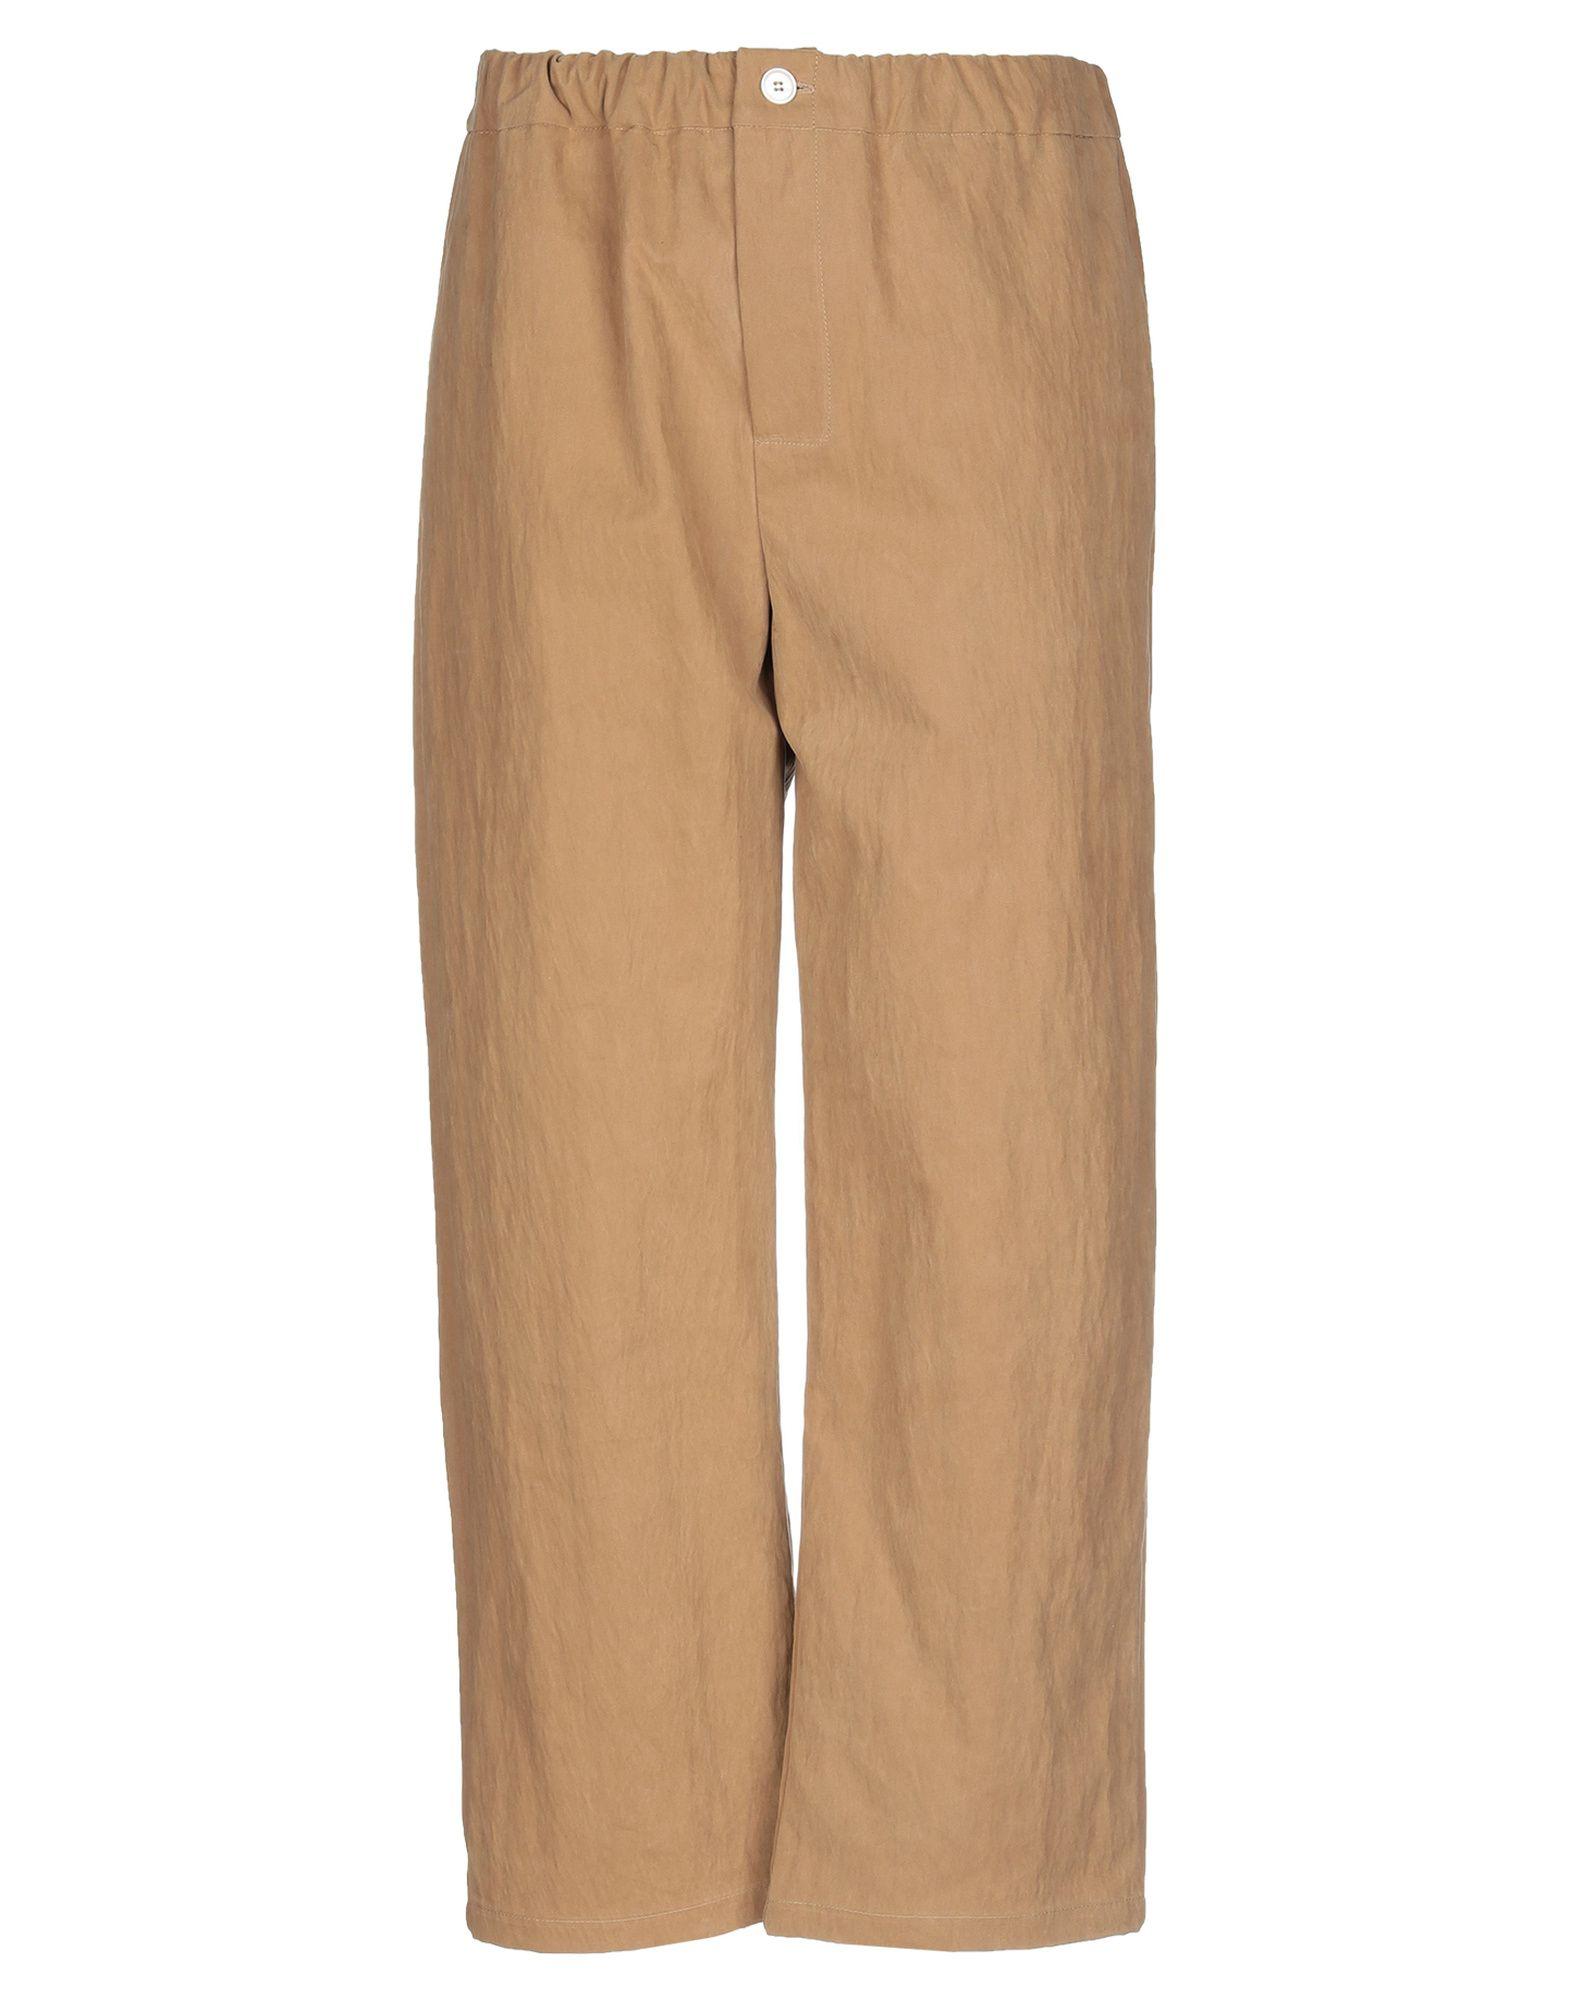 《セール開催中》CAN PEP REY メンズ パンツ キャメル S コットン 53% / ナイロン 47%